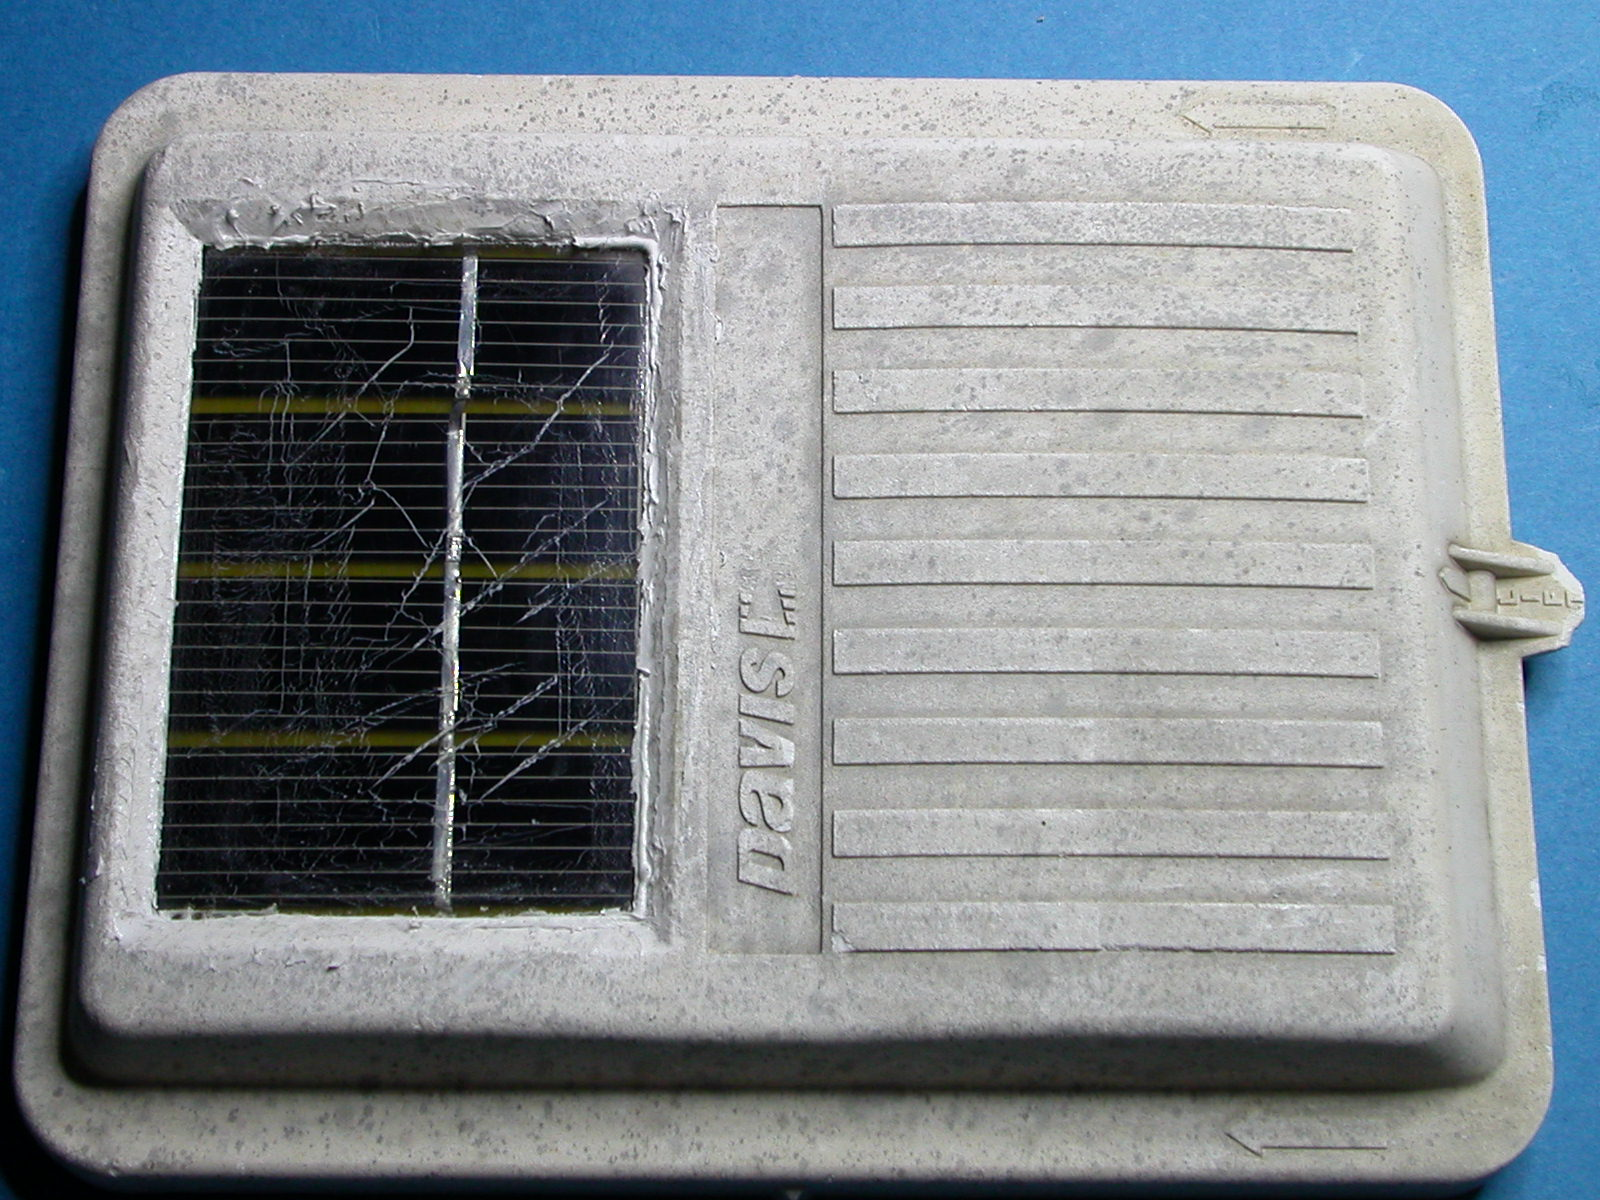 Problemi infiltrazioni di acqua su scatola scheda trasmissione ISS-dscn6596.jpg